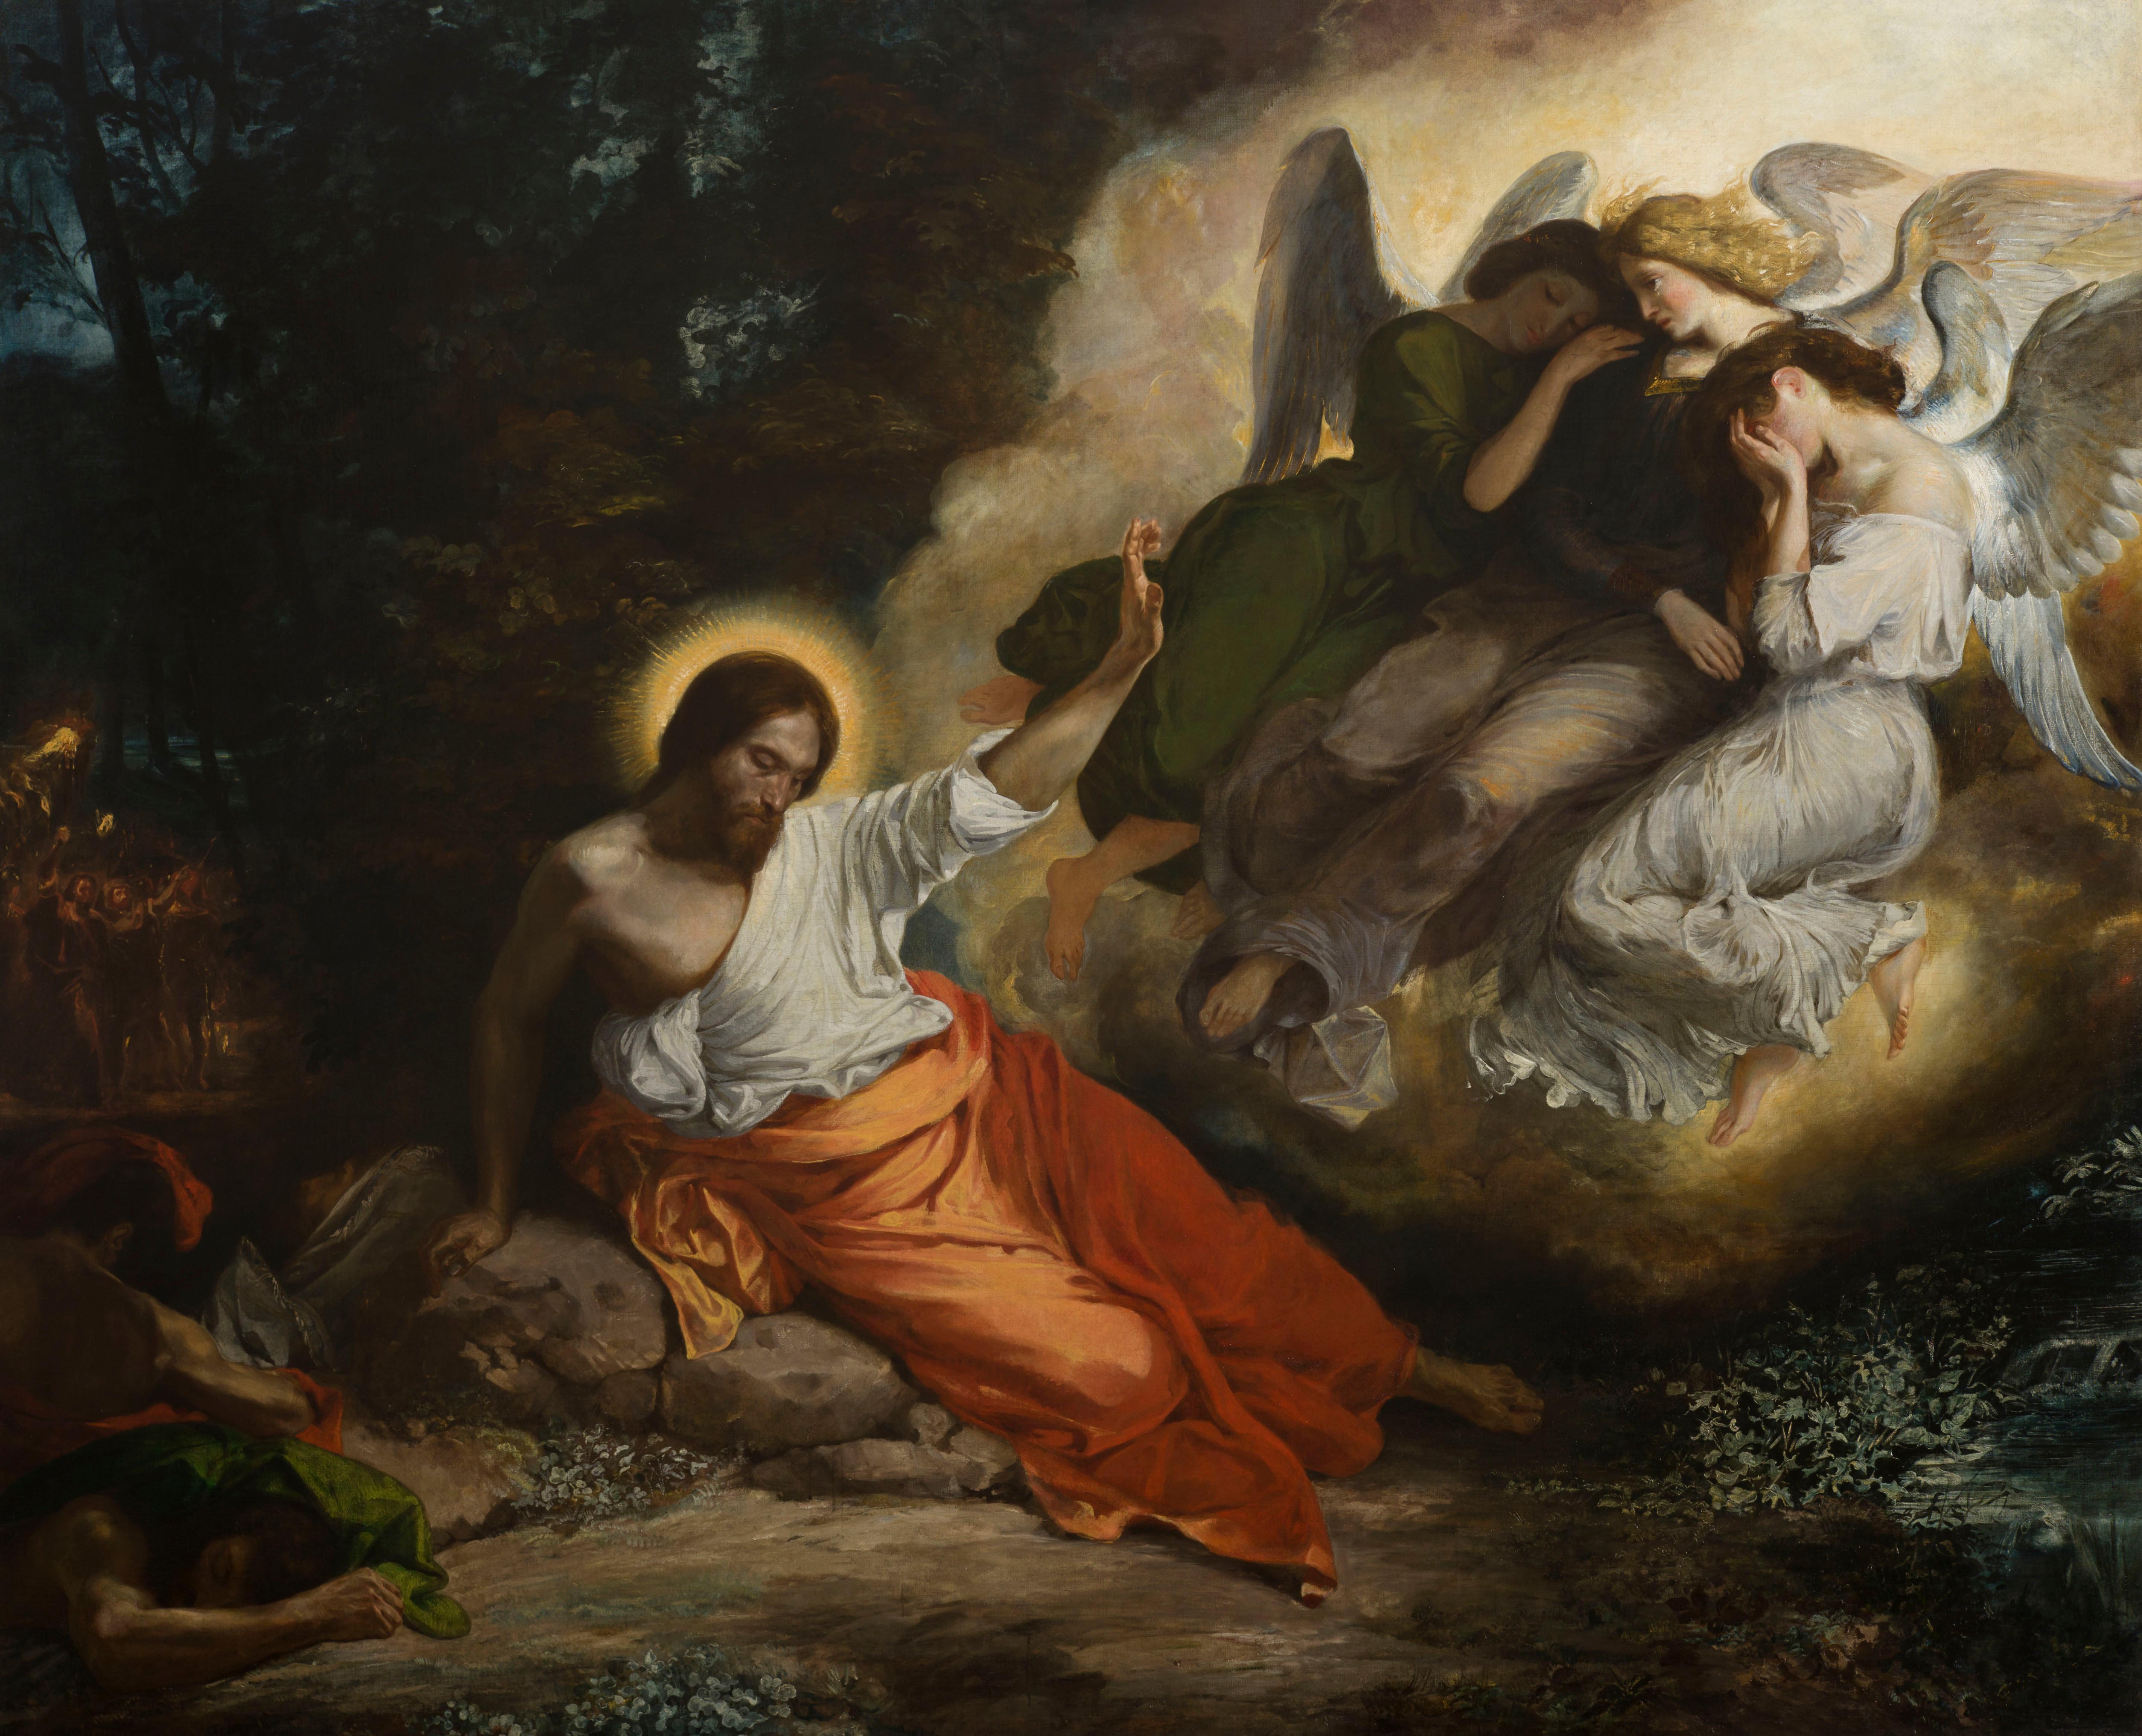 Amabis proximum tuum - Tu aimeras ta prochaine - Page 3 Delacroix-Christ-in-the-Garden-of-Olives-1824–1827